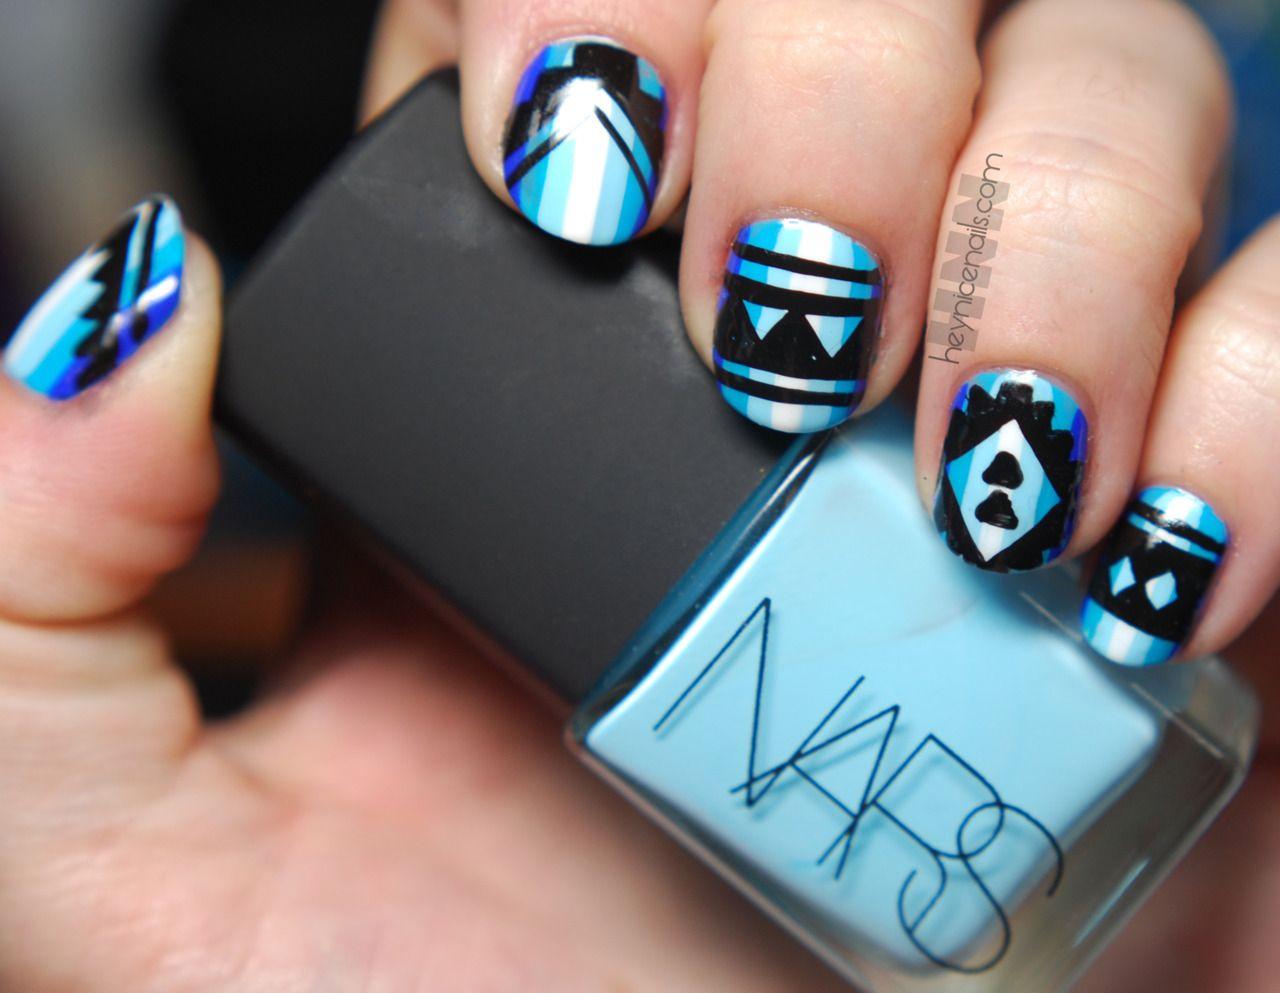 Nice Nails Design Nails Pinterest Nagel En Mooie Nagels